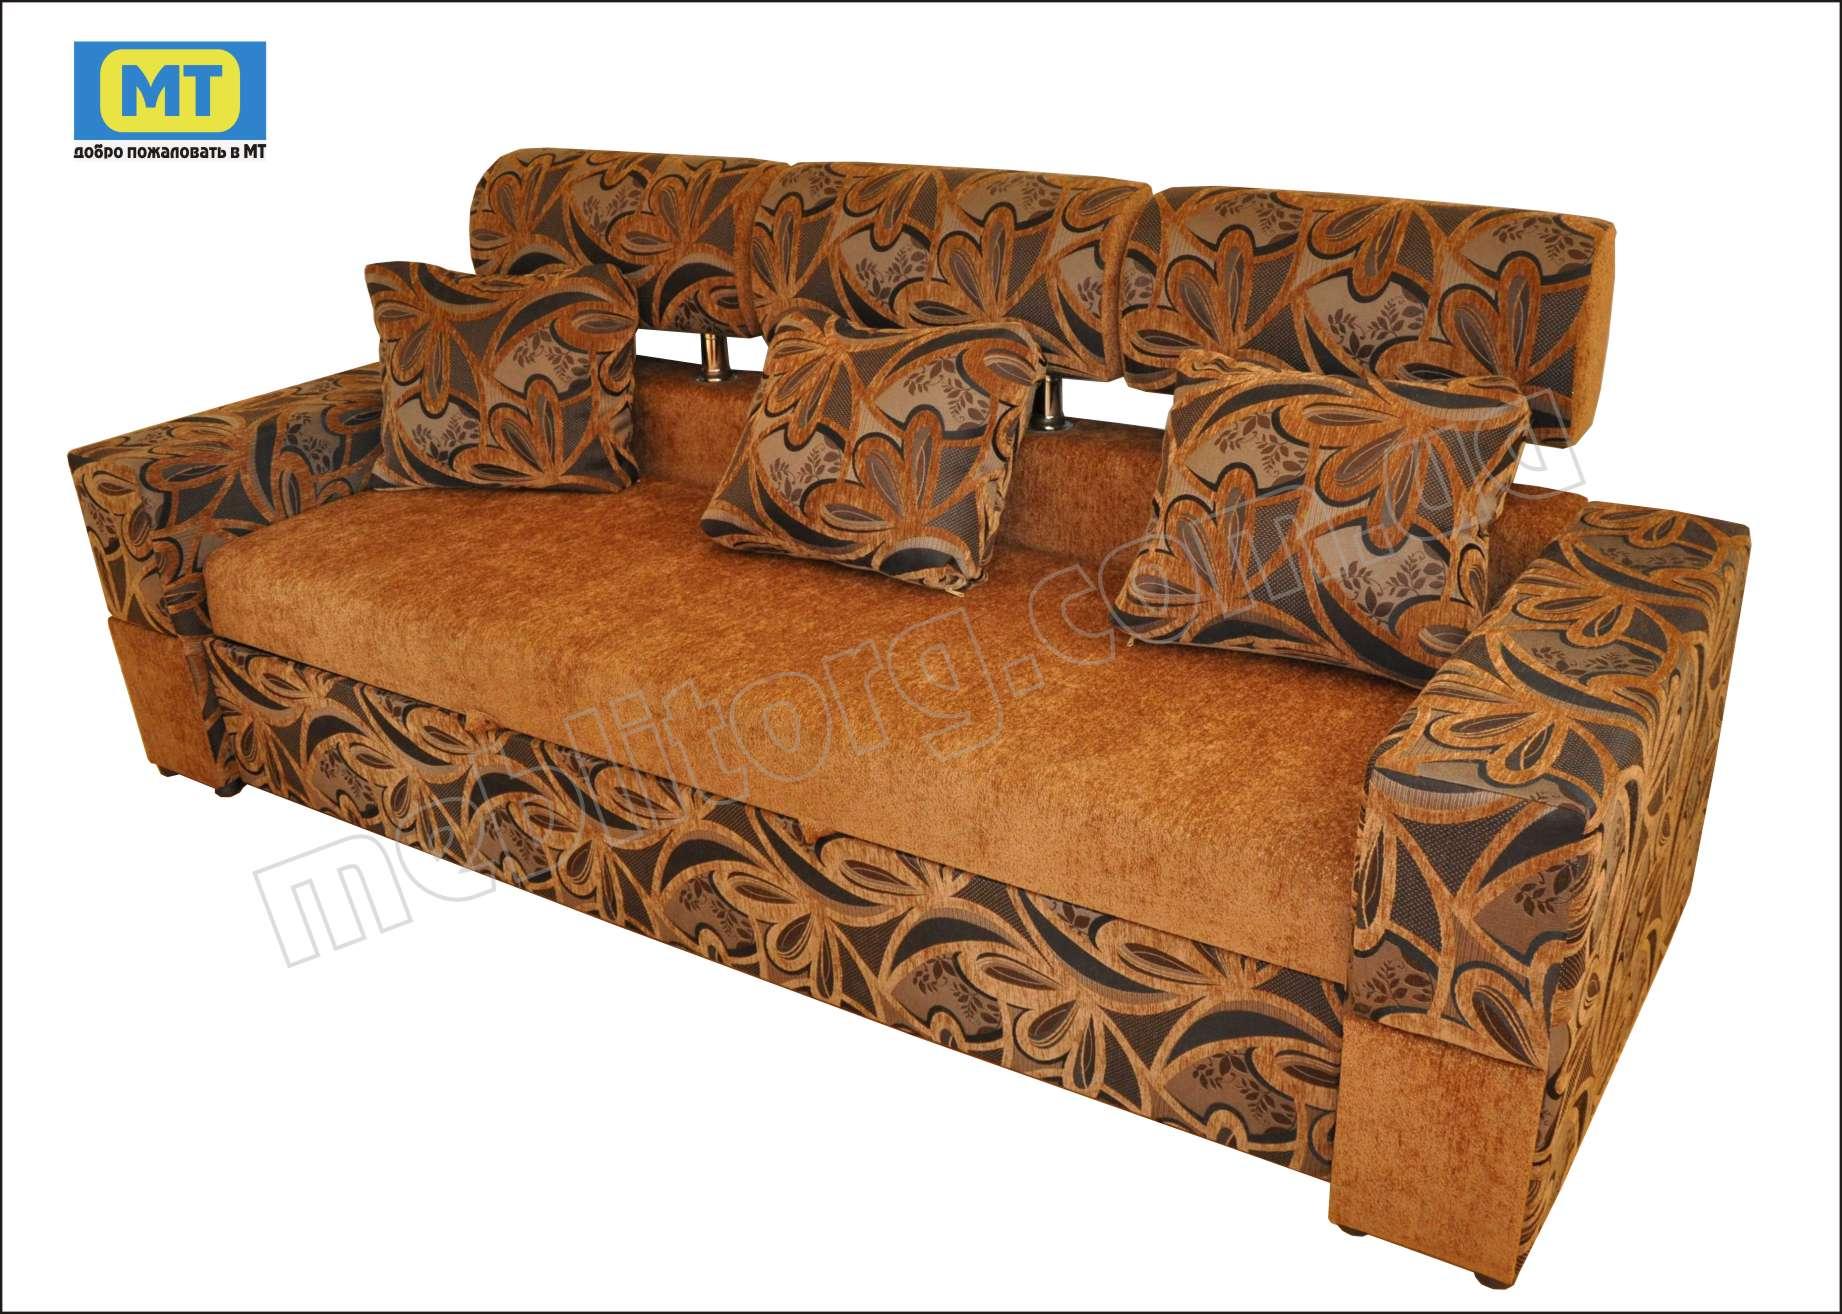 Продажа дивана, зображення 1